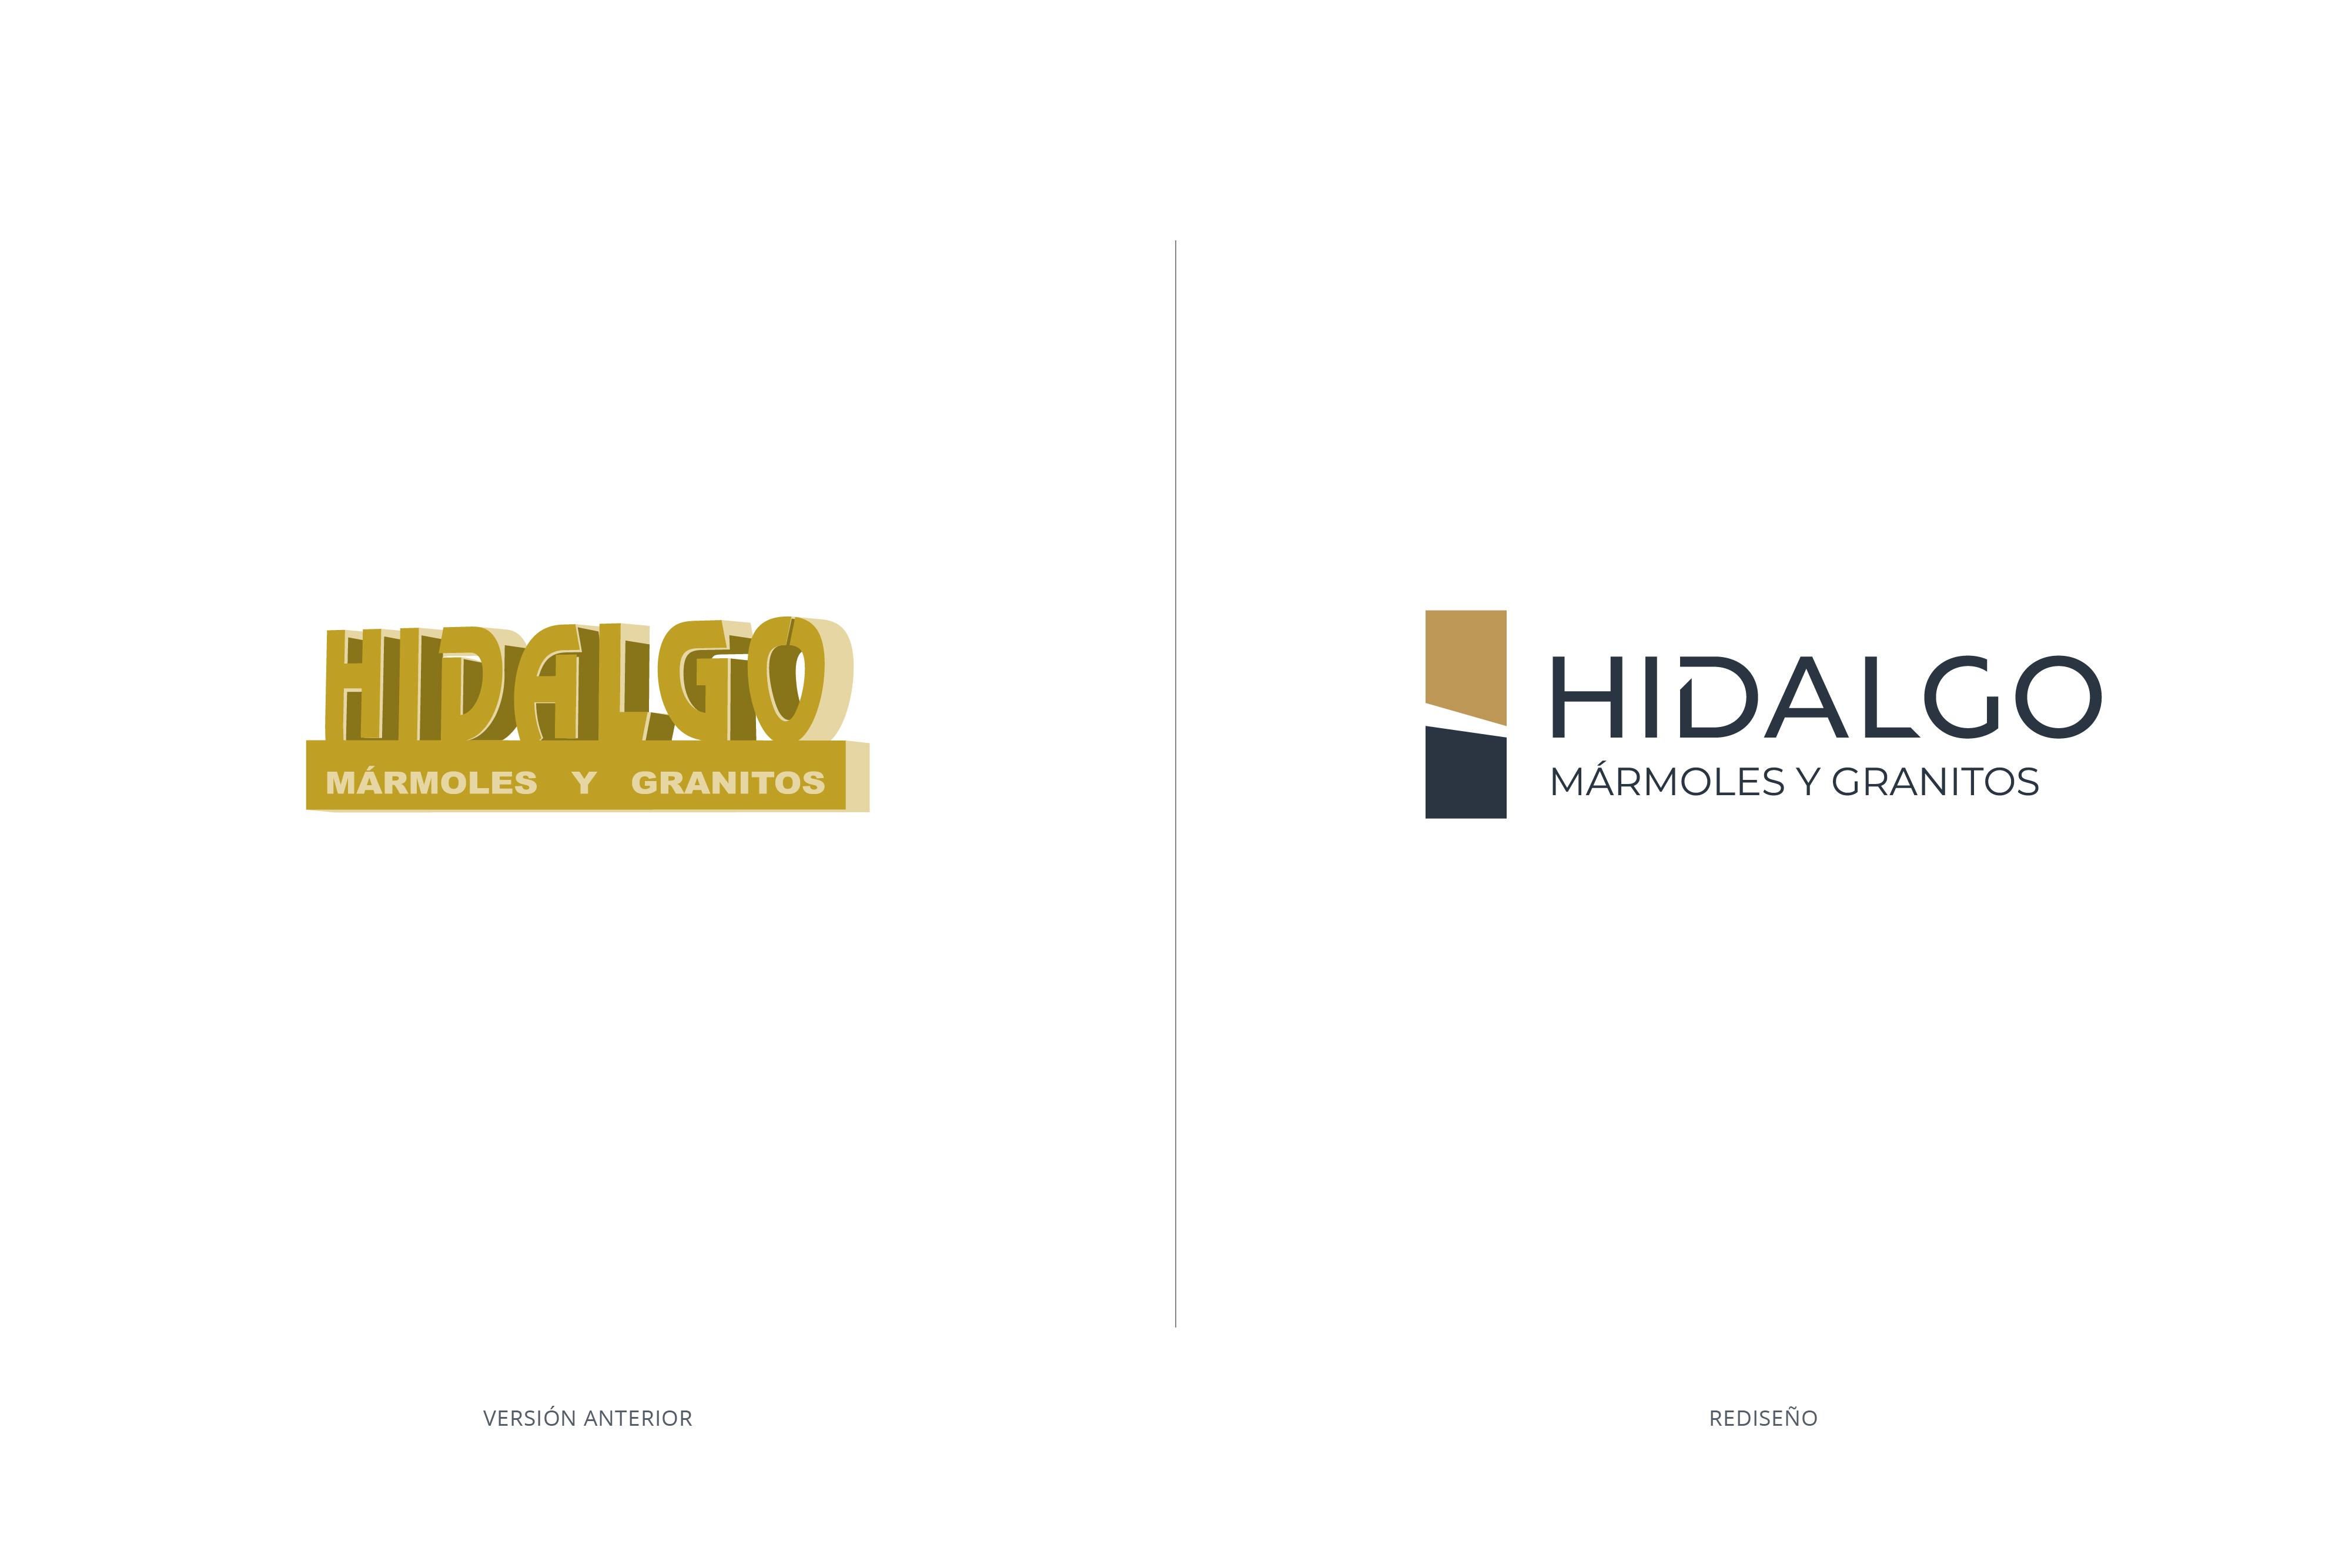 Rediseño de marca Hidalgo mármoles y granitos